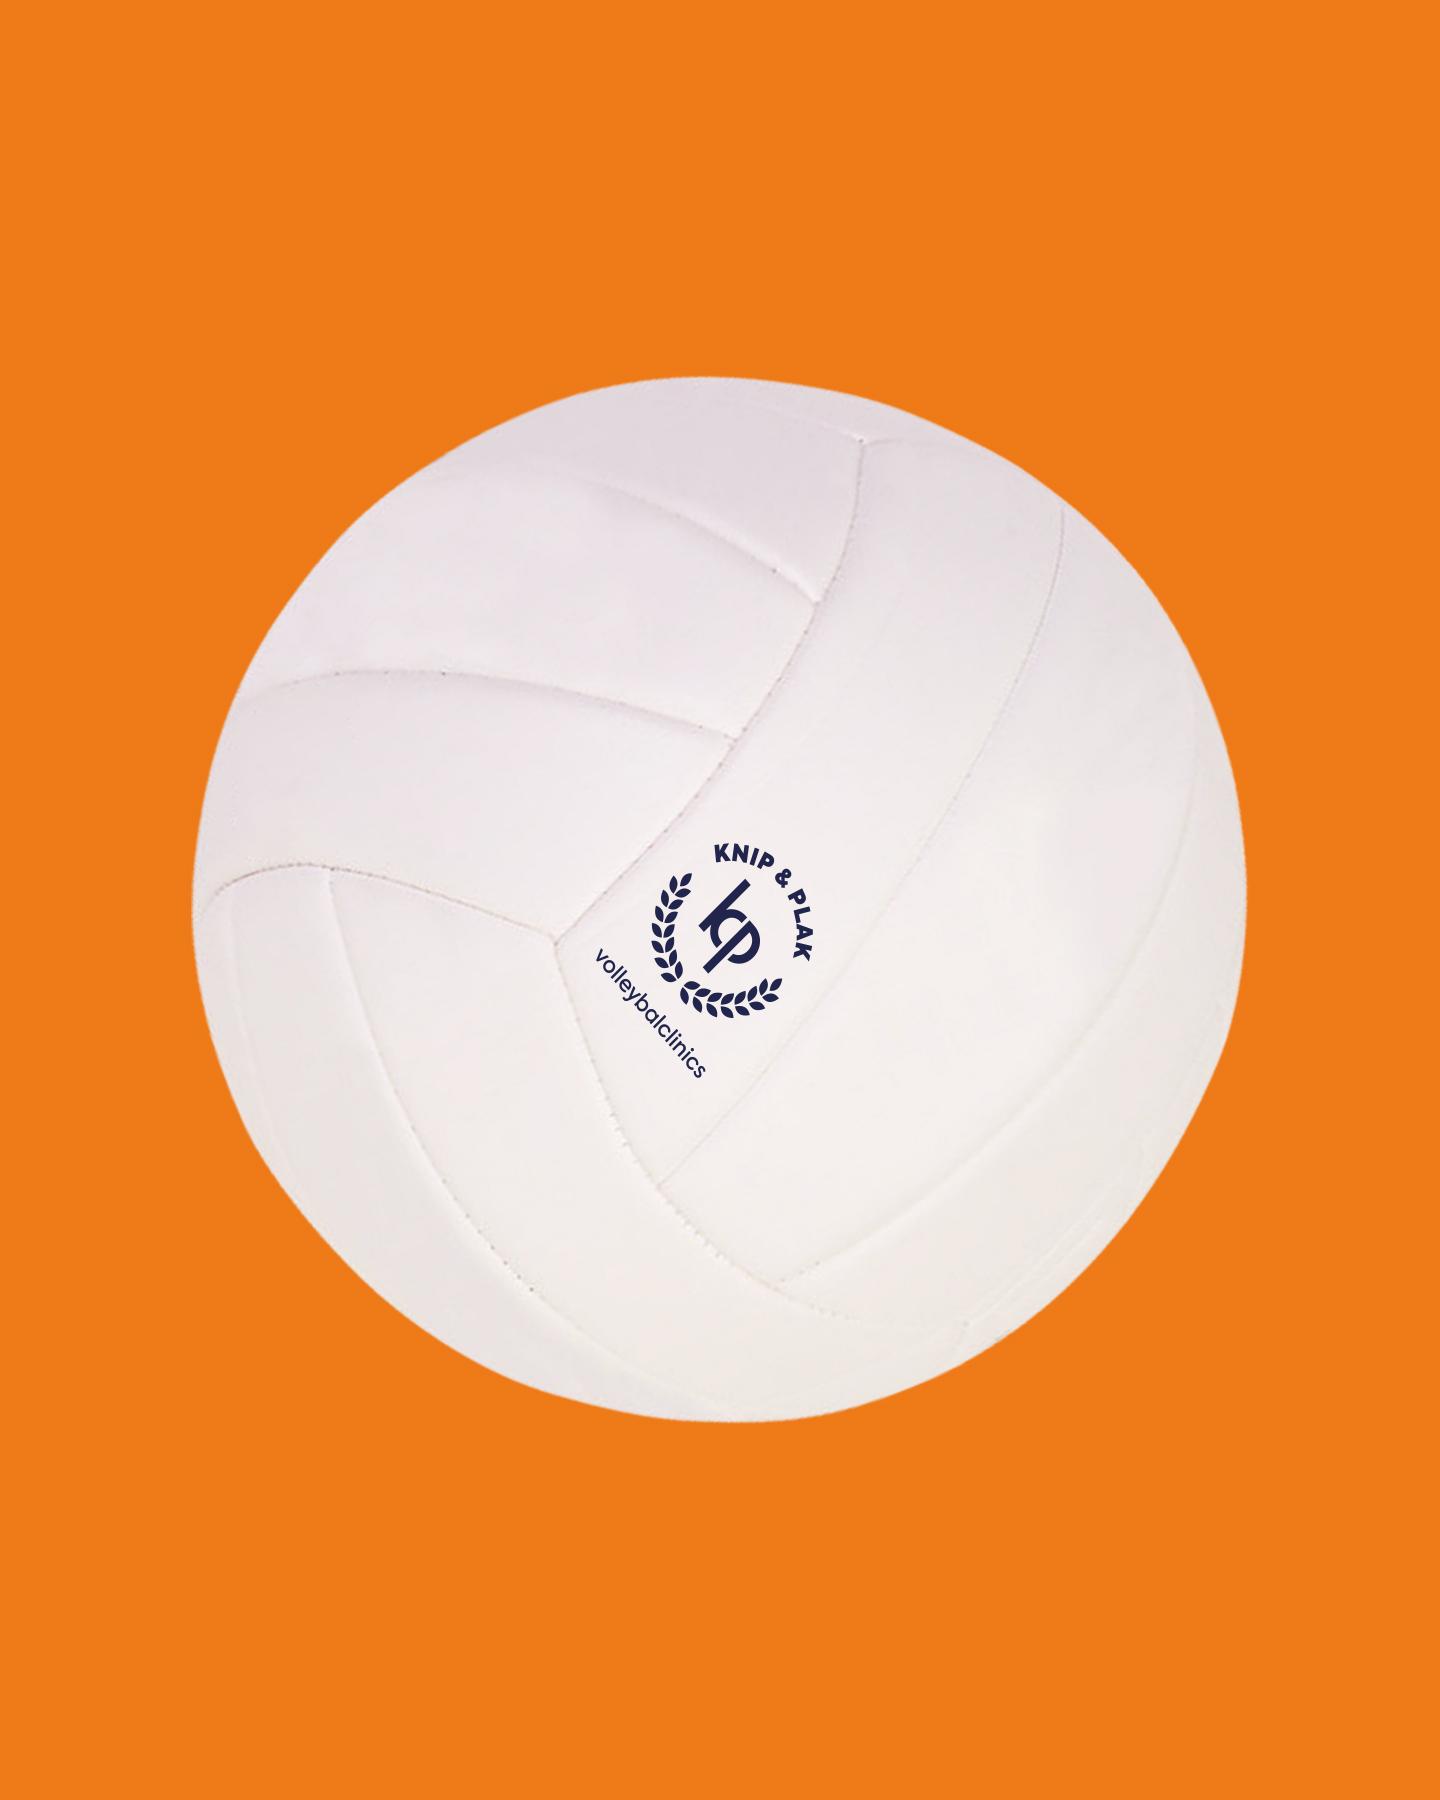 Volleybal en logo gemaakt voor Kirsten Knip en Celeste Plak (Knip & Plak) gemaakt door Sjoerd van Schagen